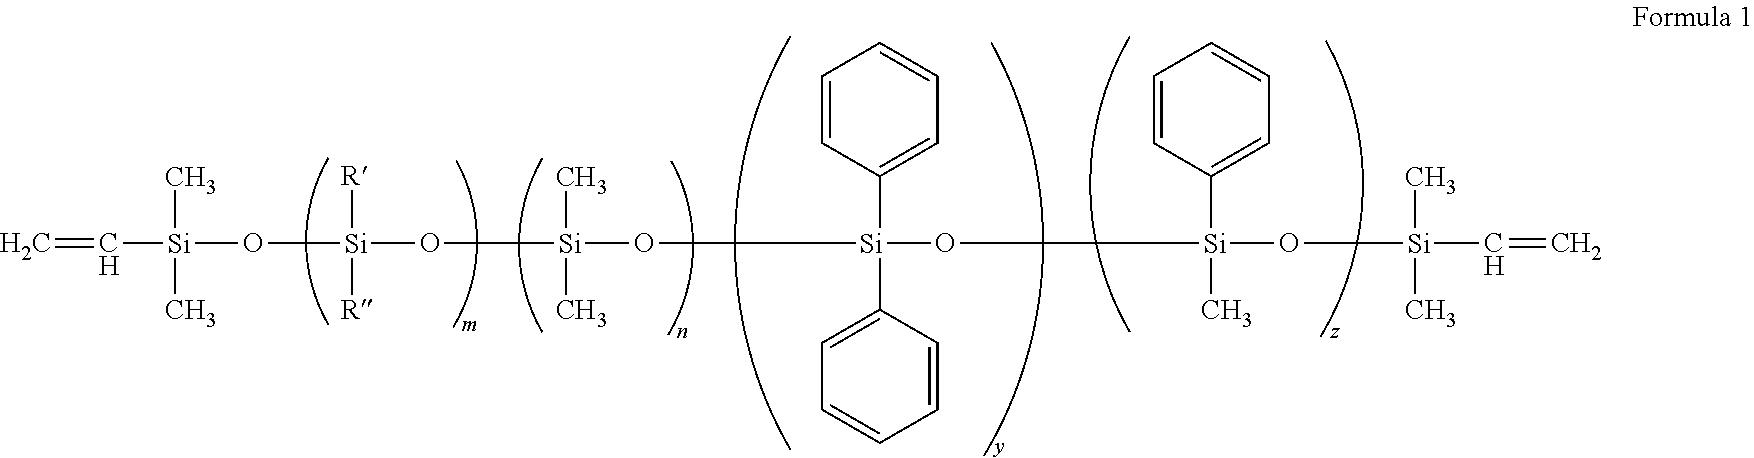 Figure US09339373-20160517-C00002